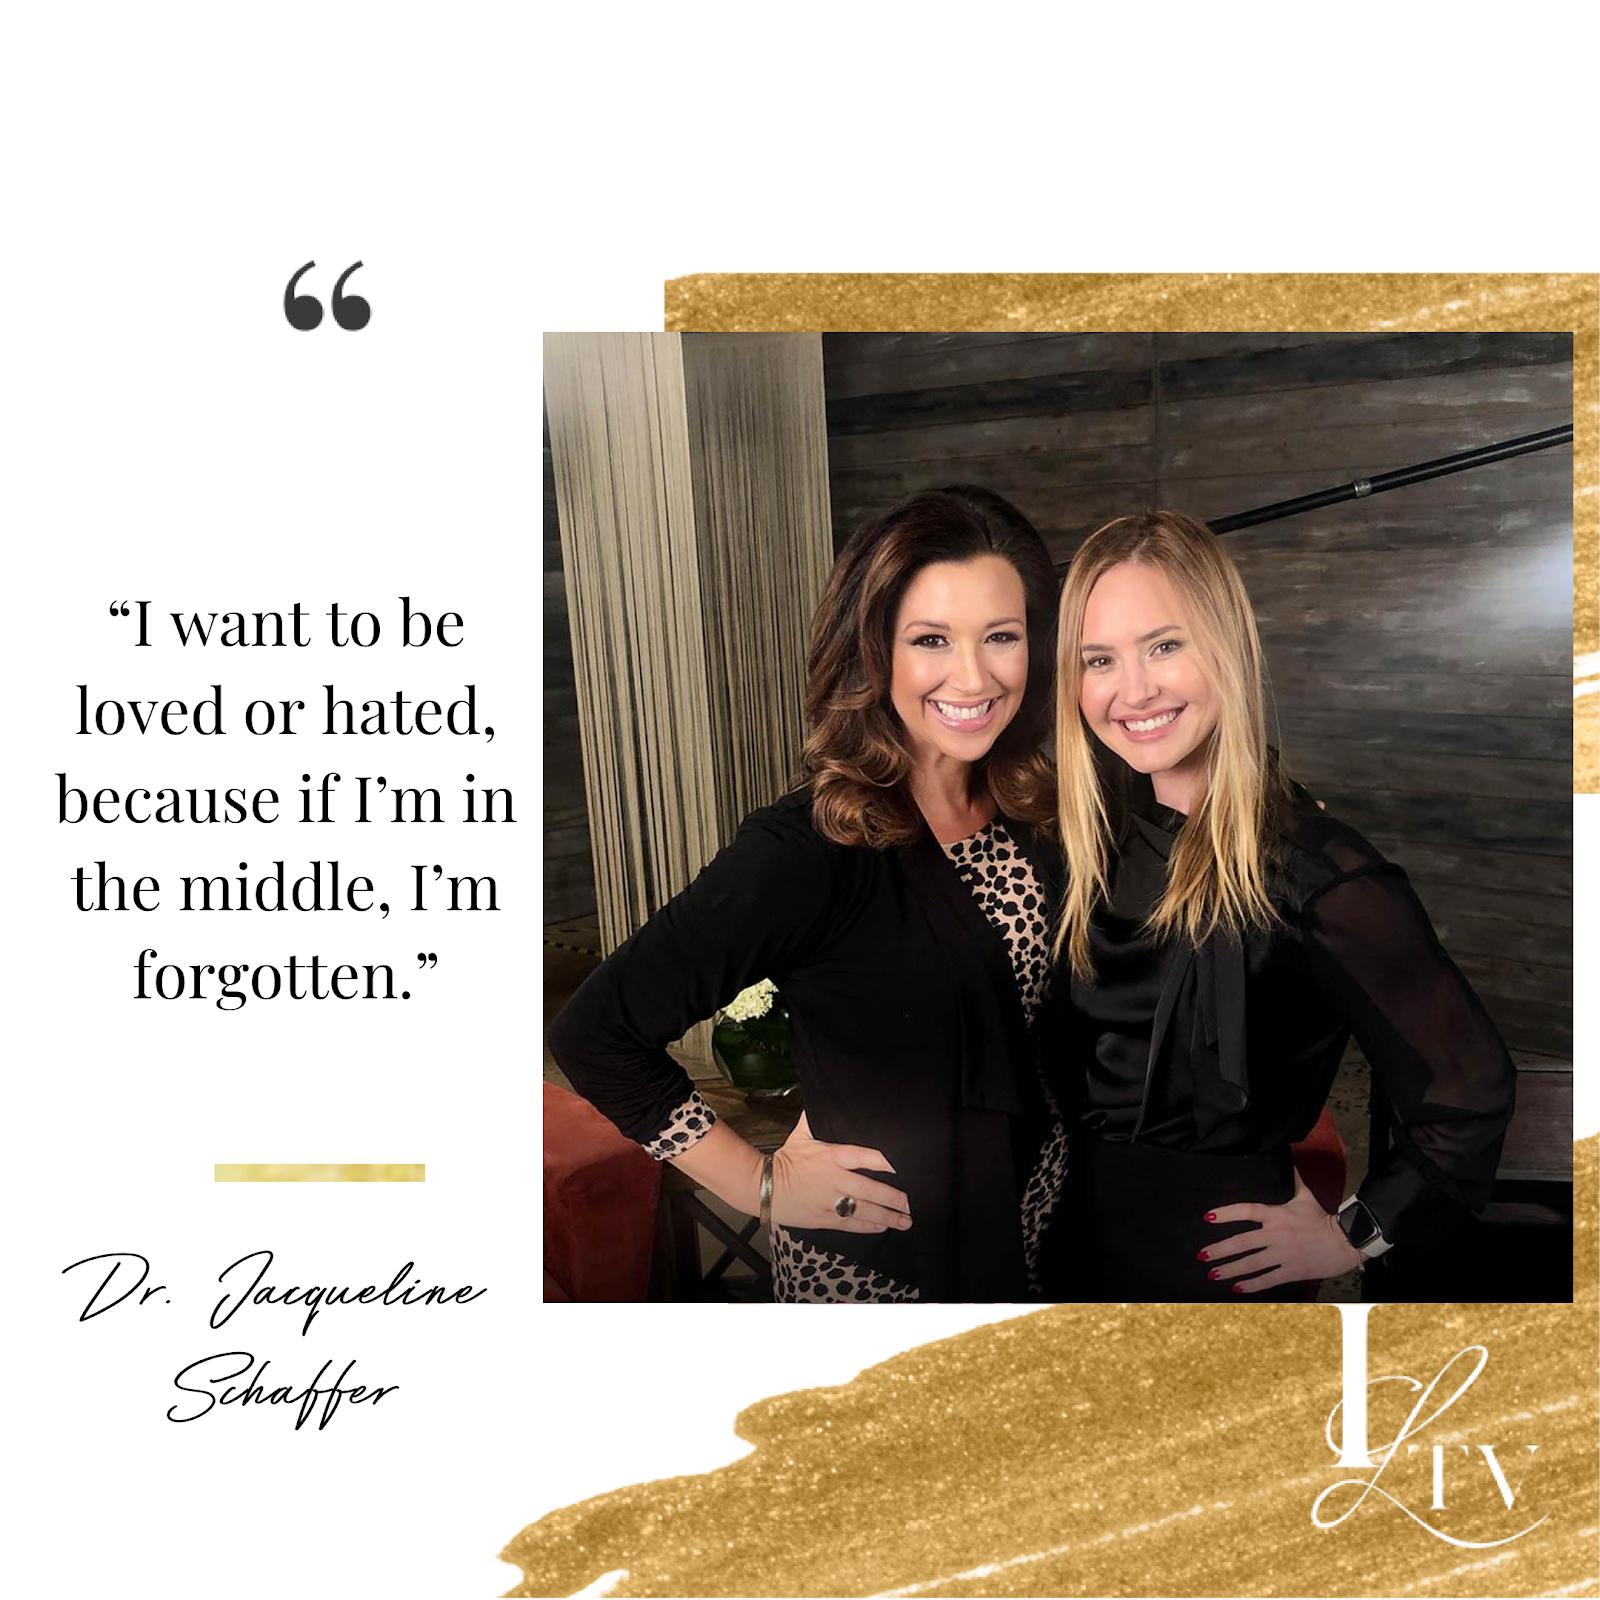 Spotlight Interview: Dr. Jacqueline Schaffer